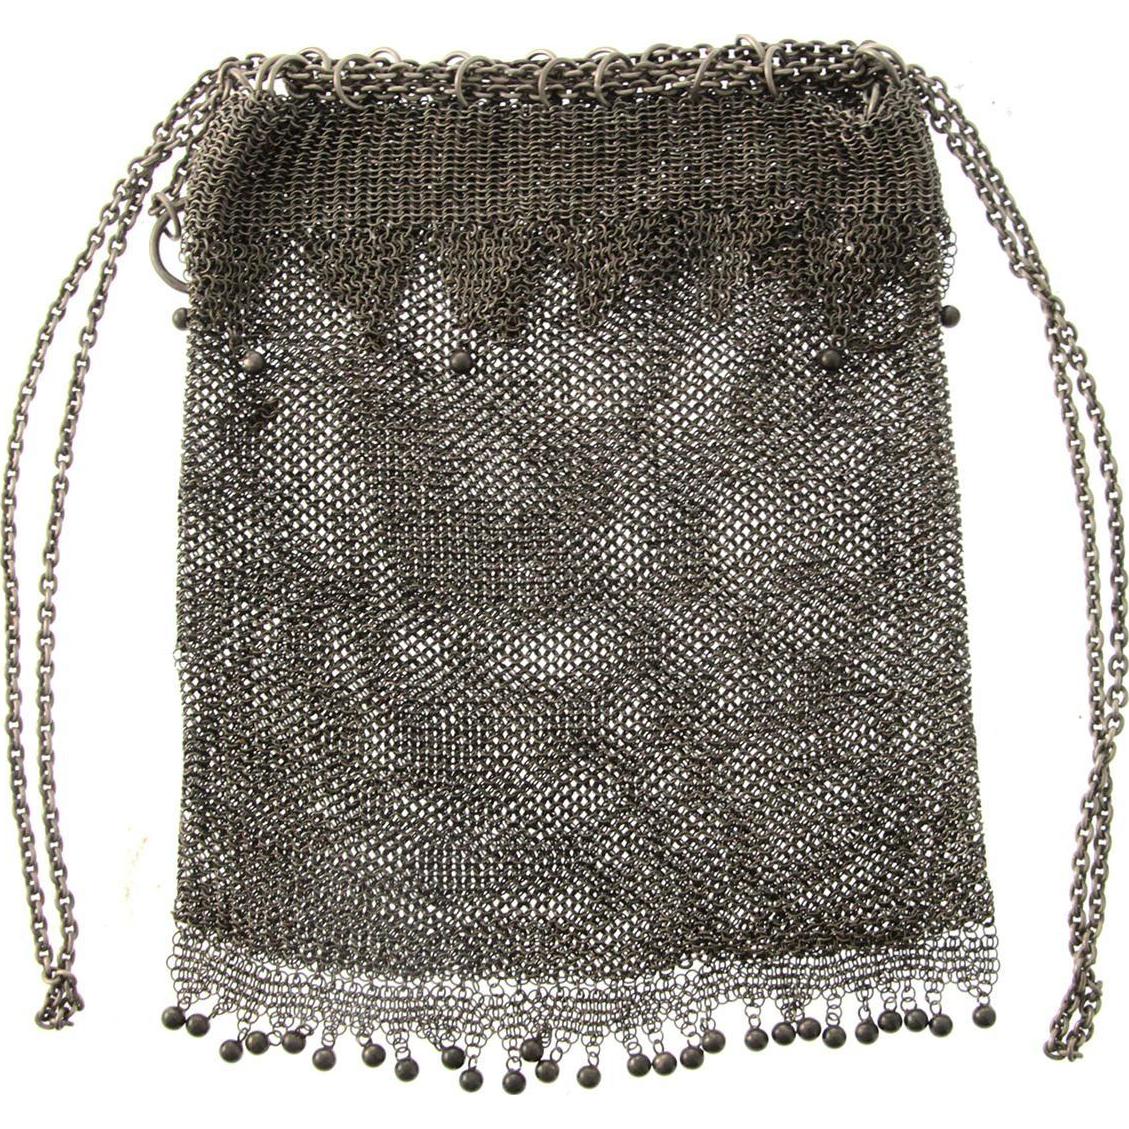 Silver Mesh Purse, Poland, Circa 1920.